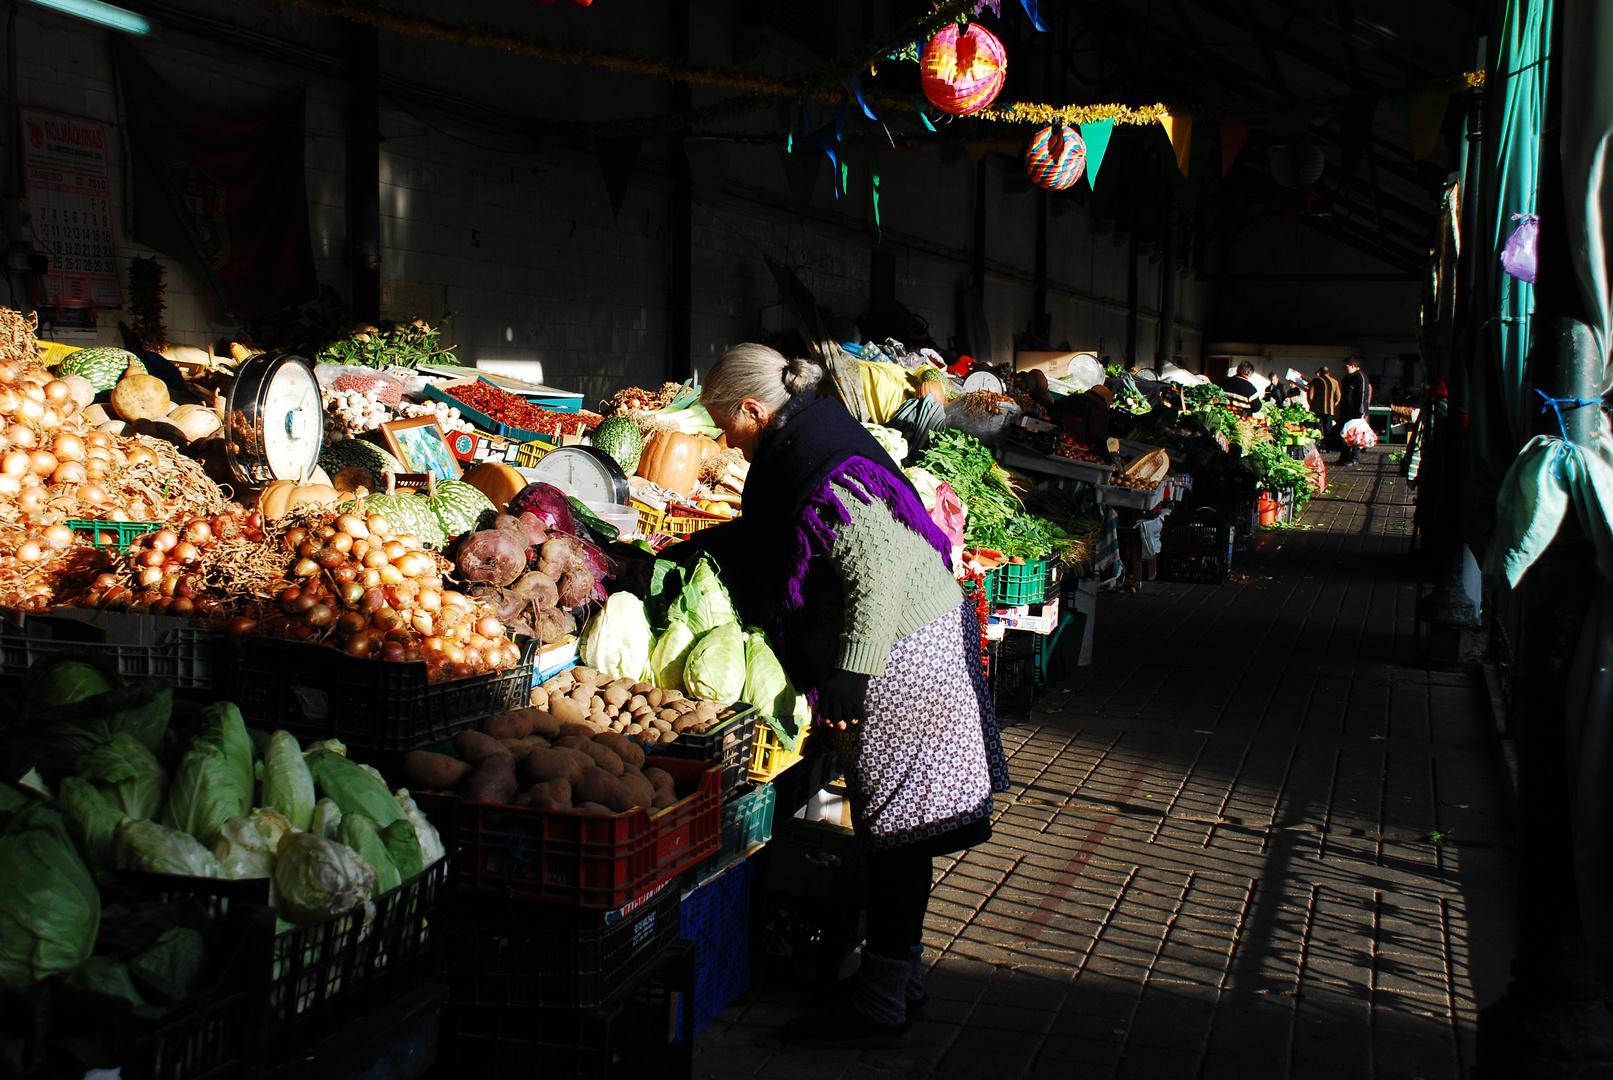 ...vendedora de legumes...